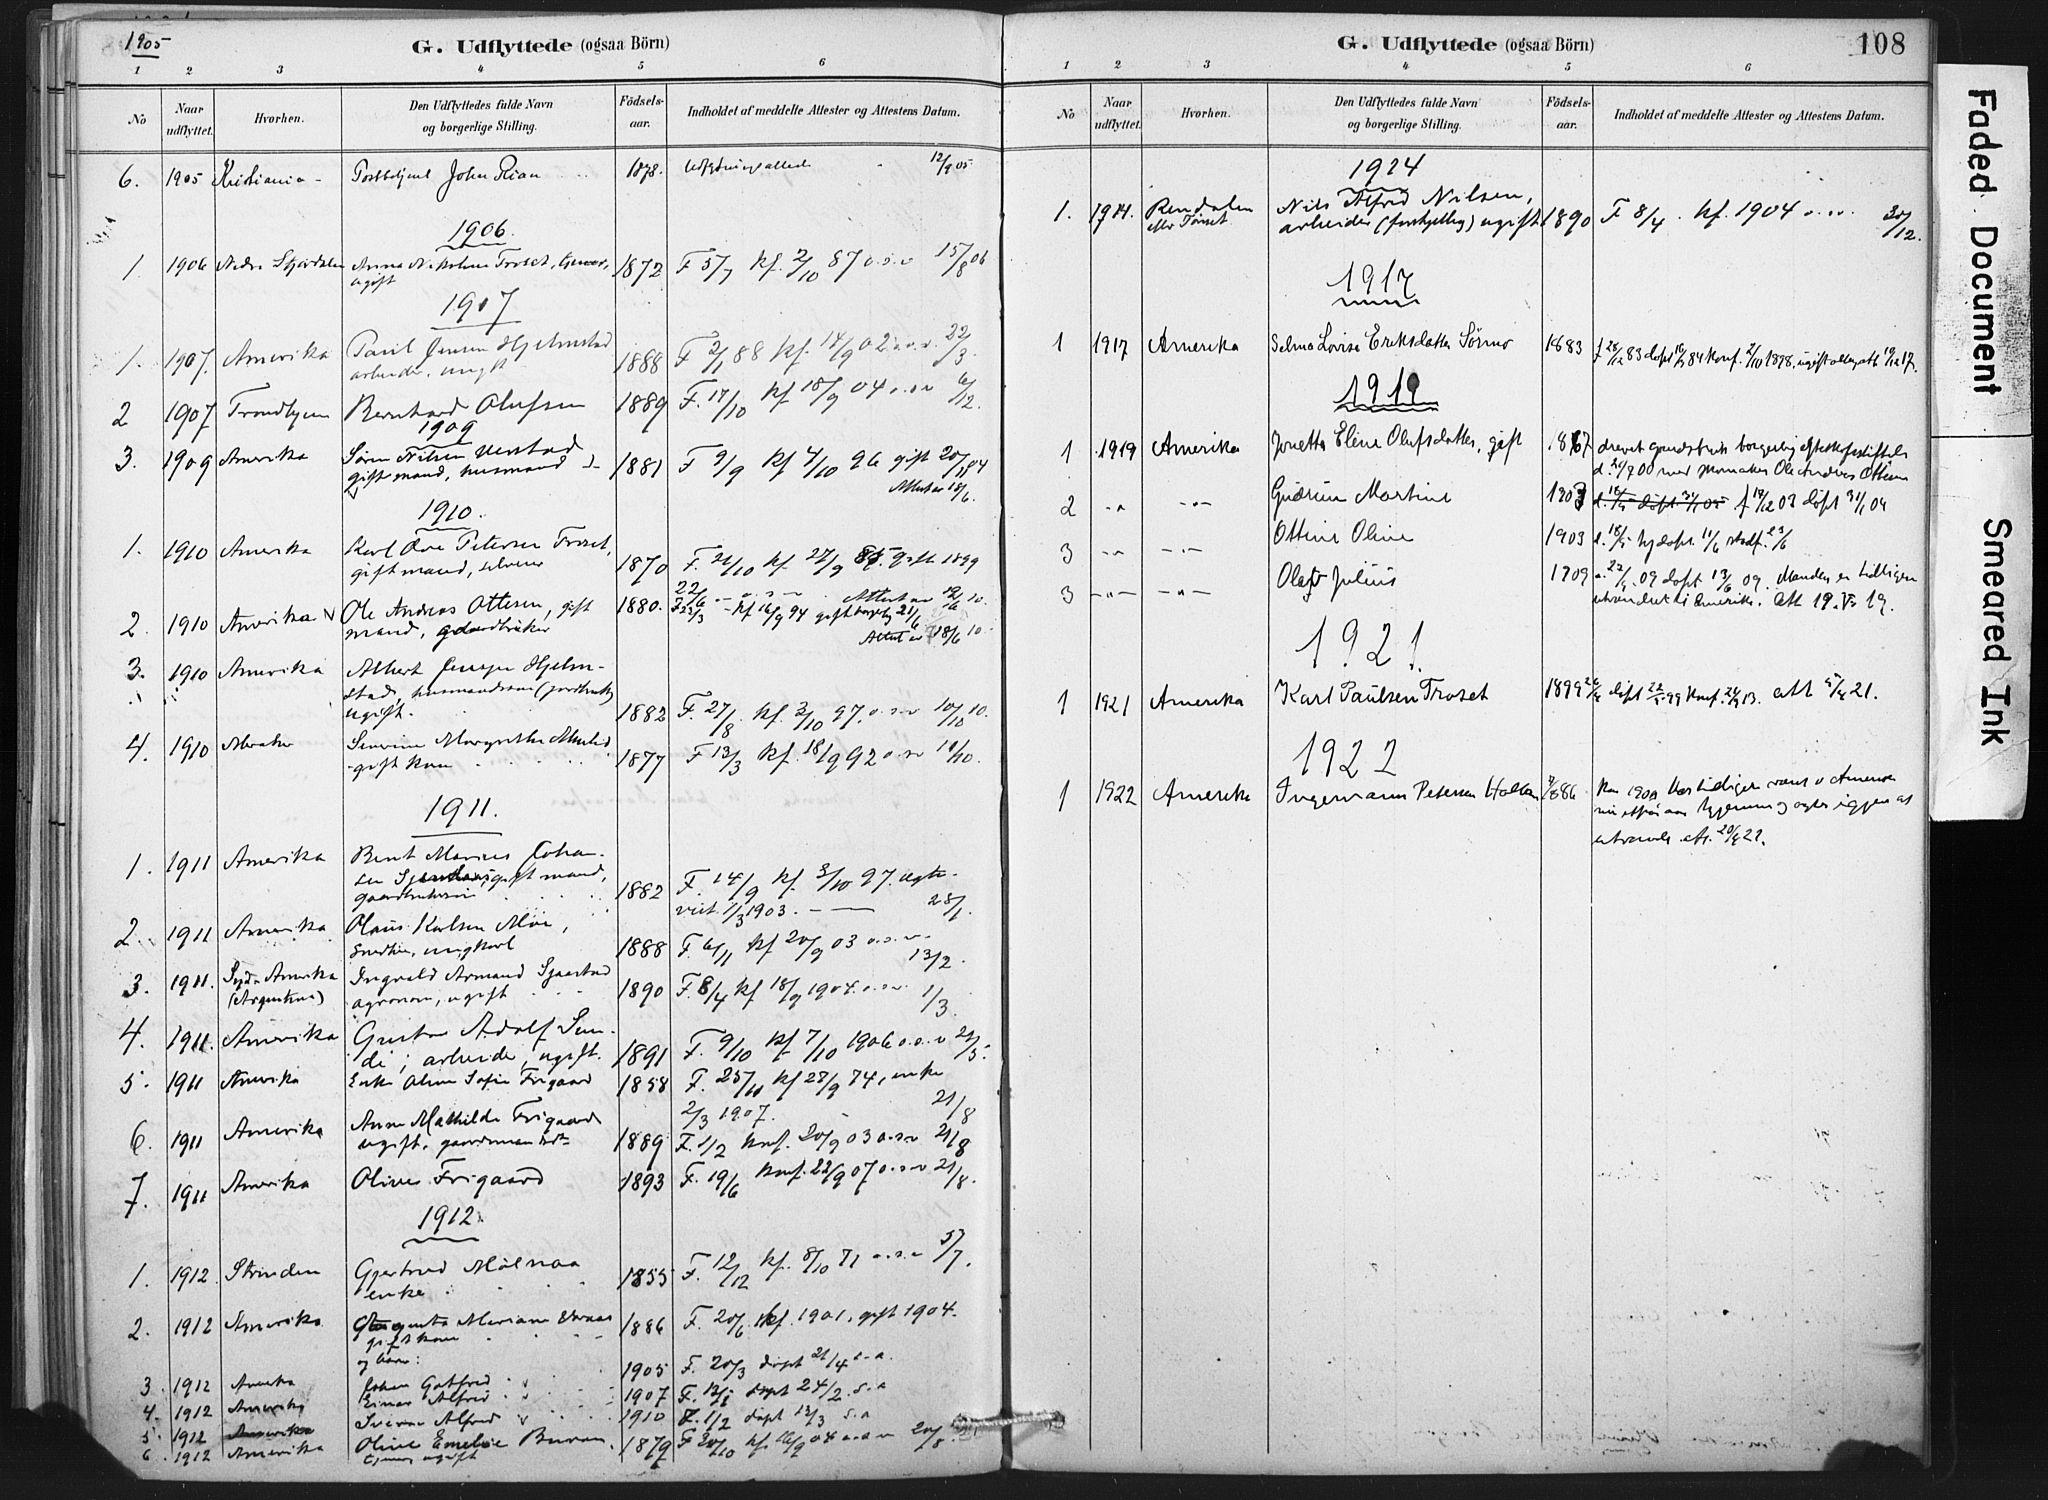 SAT, Ministerialprotokoller, klokkerbøker og fødselsregistre - Nord-Trøndelag, 718/L0175: Ministerialbok nr. 718A01, 1890-1923, s. 108